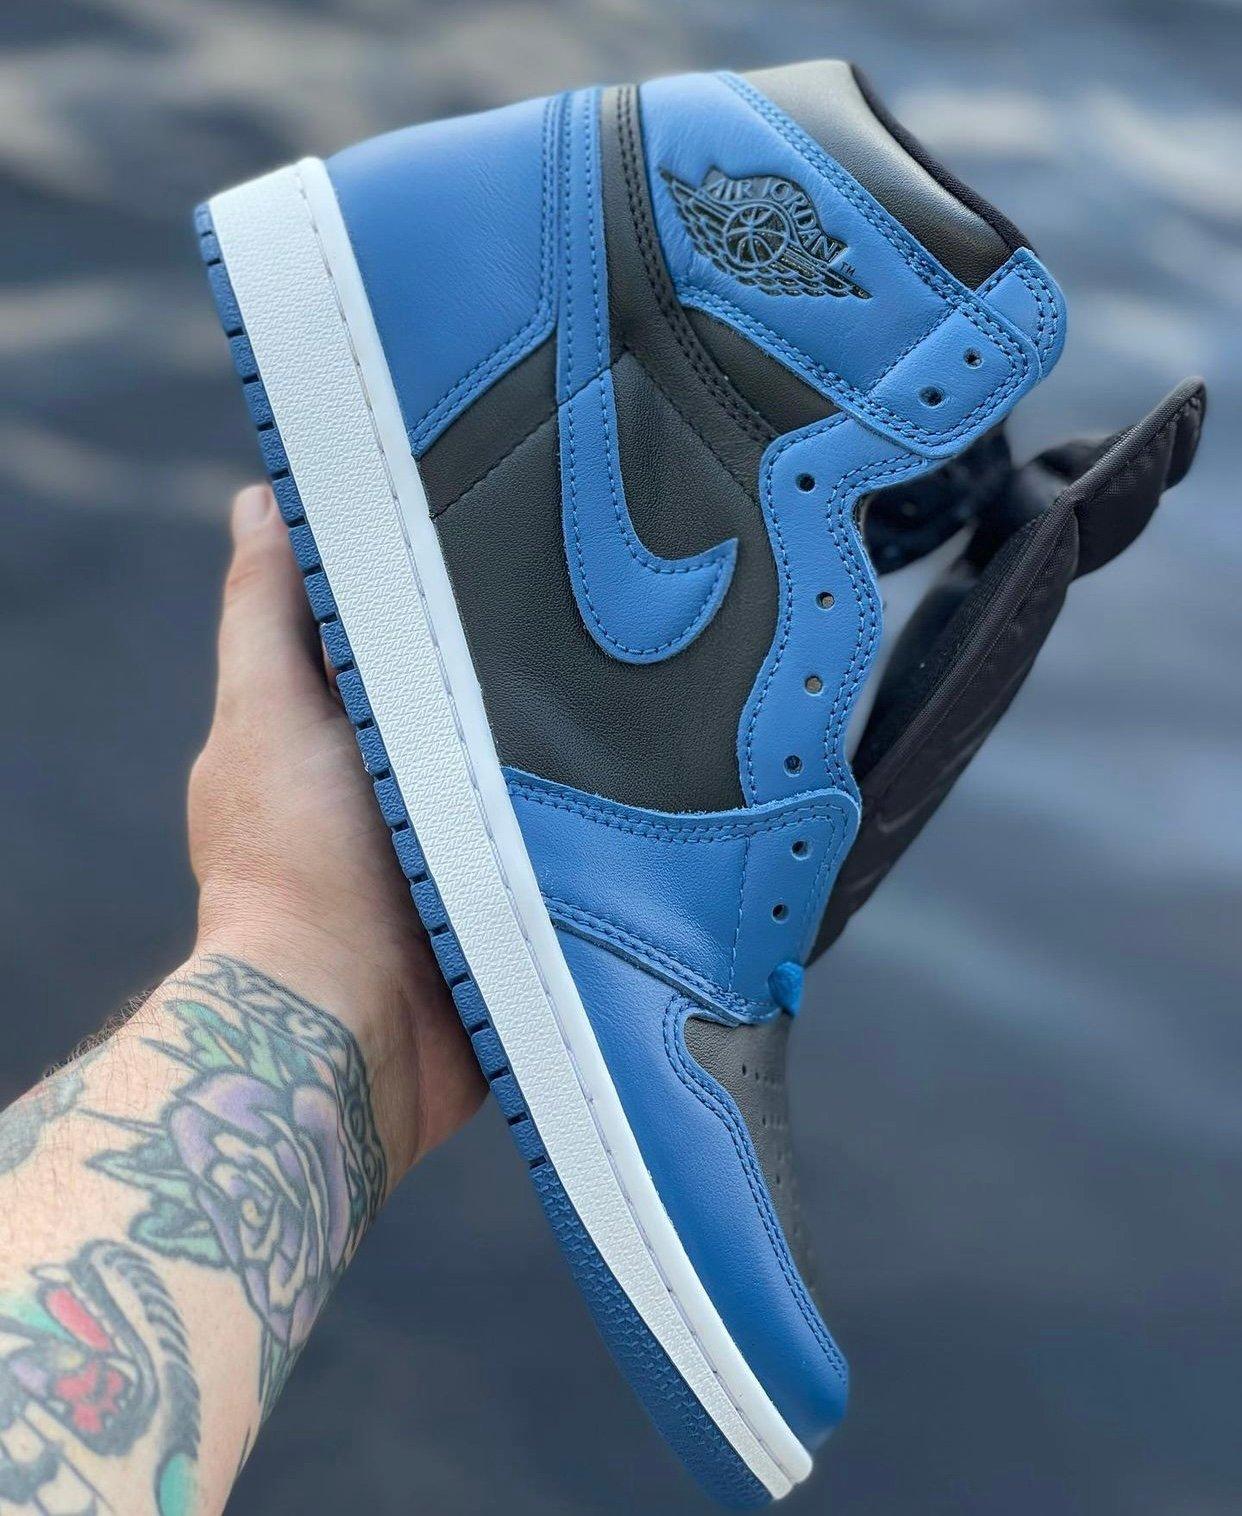 Air Jordan 1 High Dark Marina Blue 555088-404